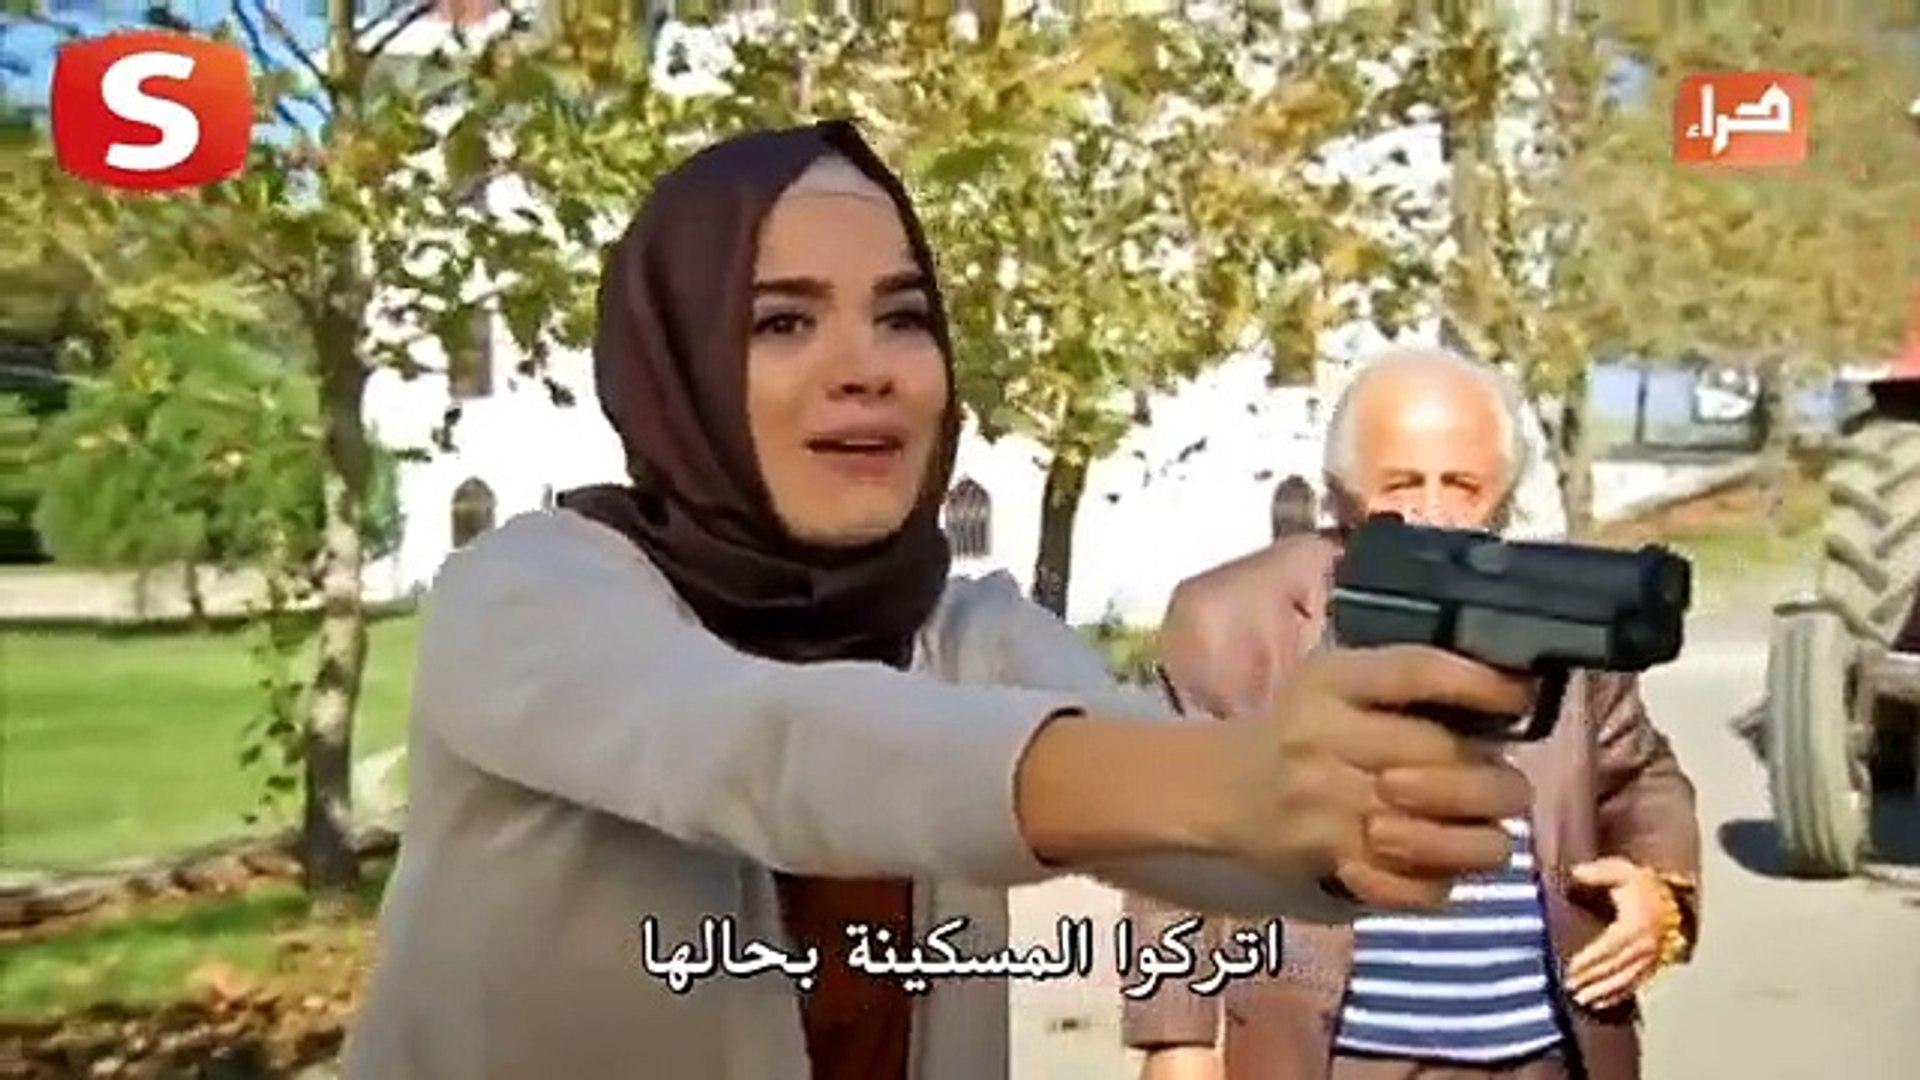 مسلسل زهرة القصر الجزء الثالث الحلقة 11 مترجمة للع Dailymotion Video